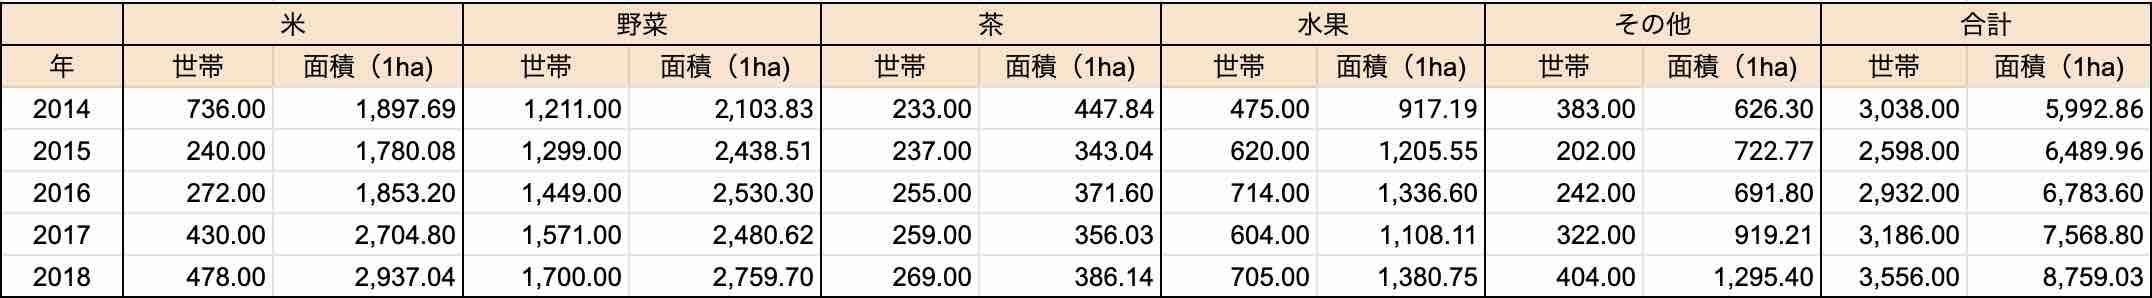 台湾のオーガニック農家の世帯数と農家面積